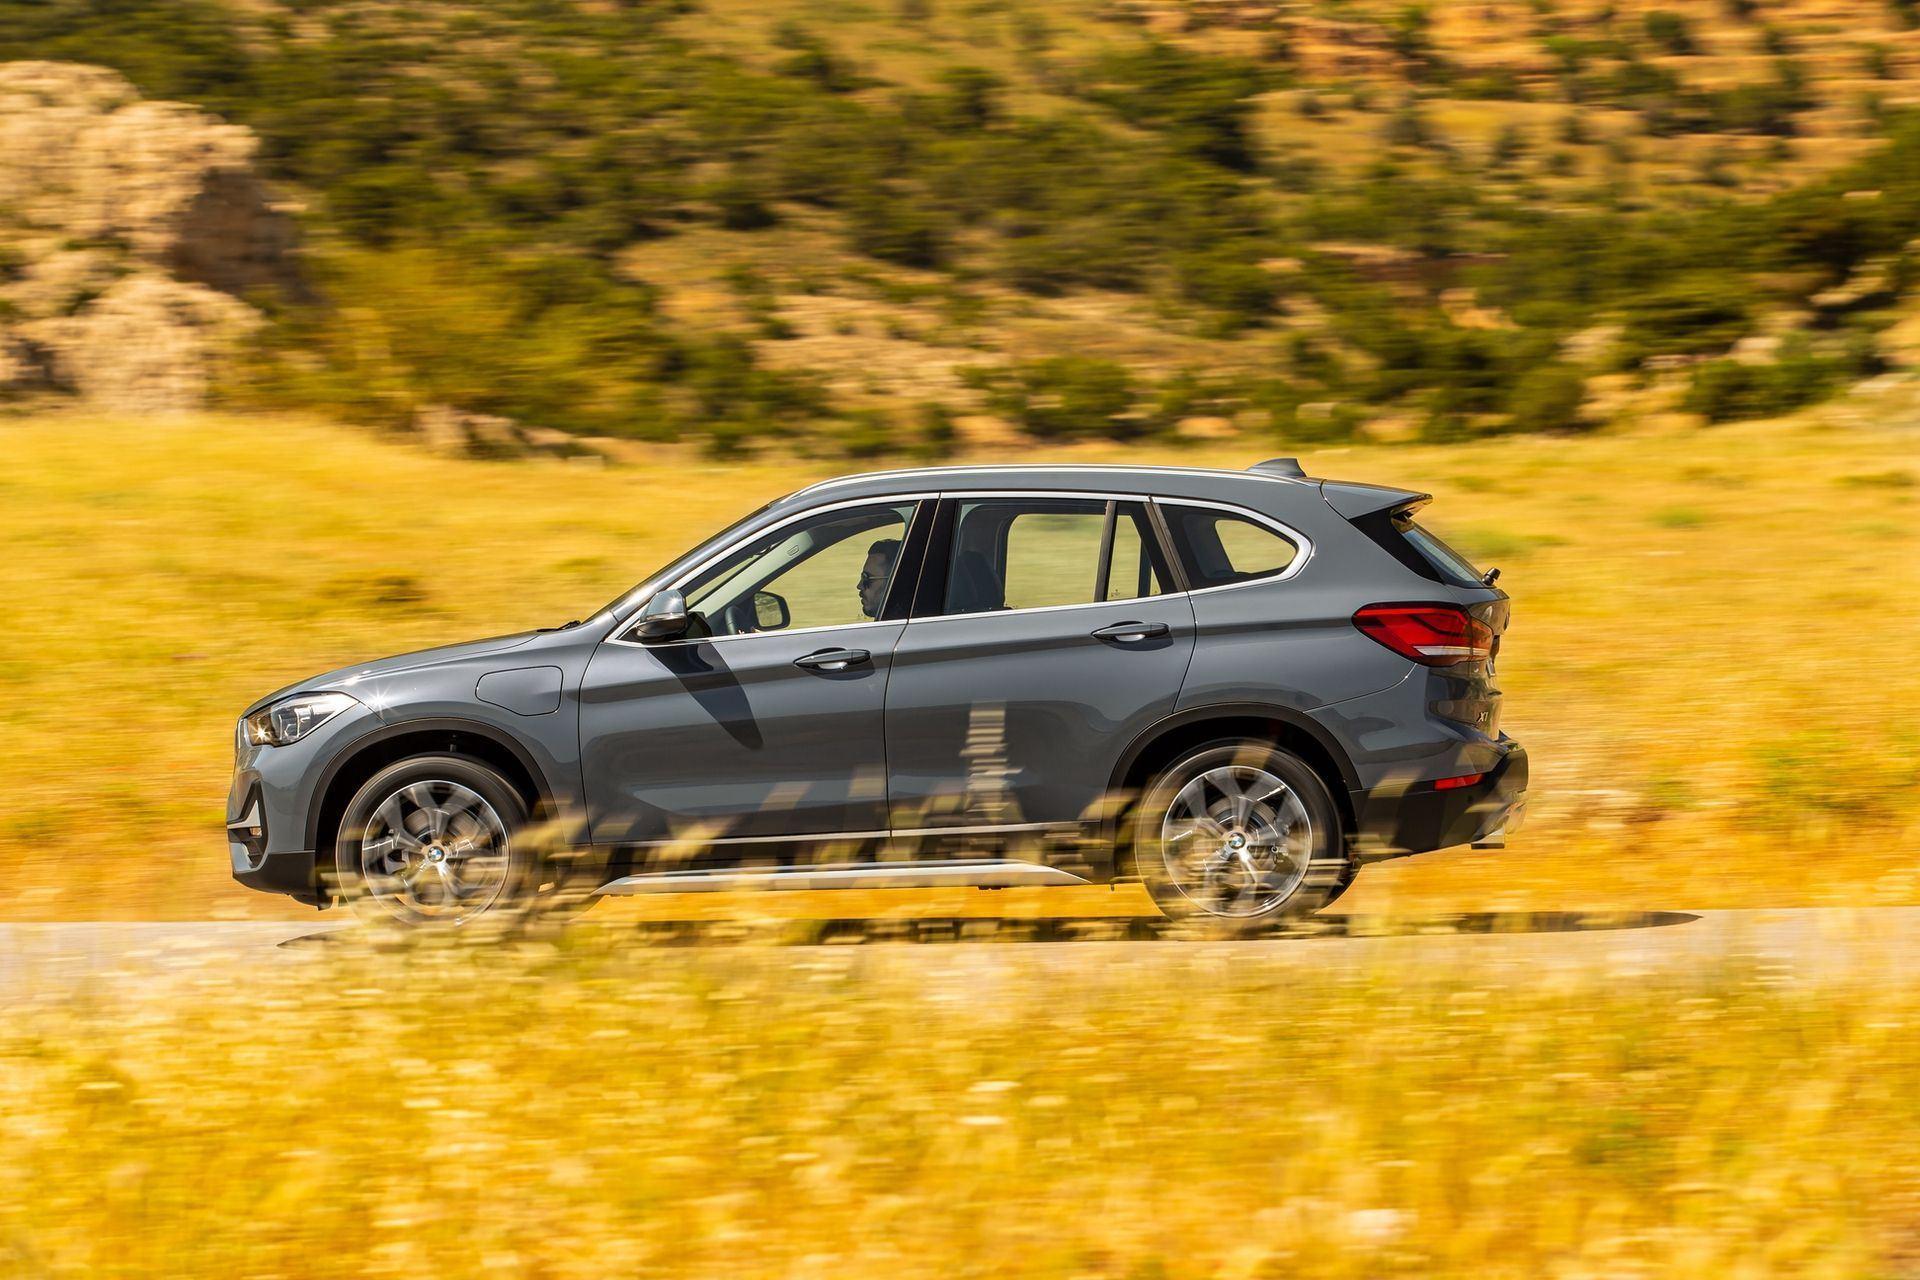 BMW_X1_xDrive25e_Greek_0003